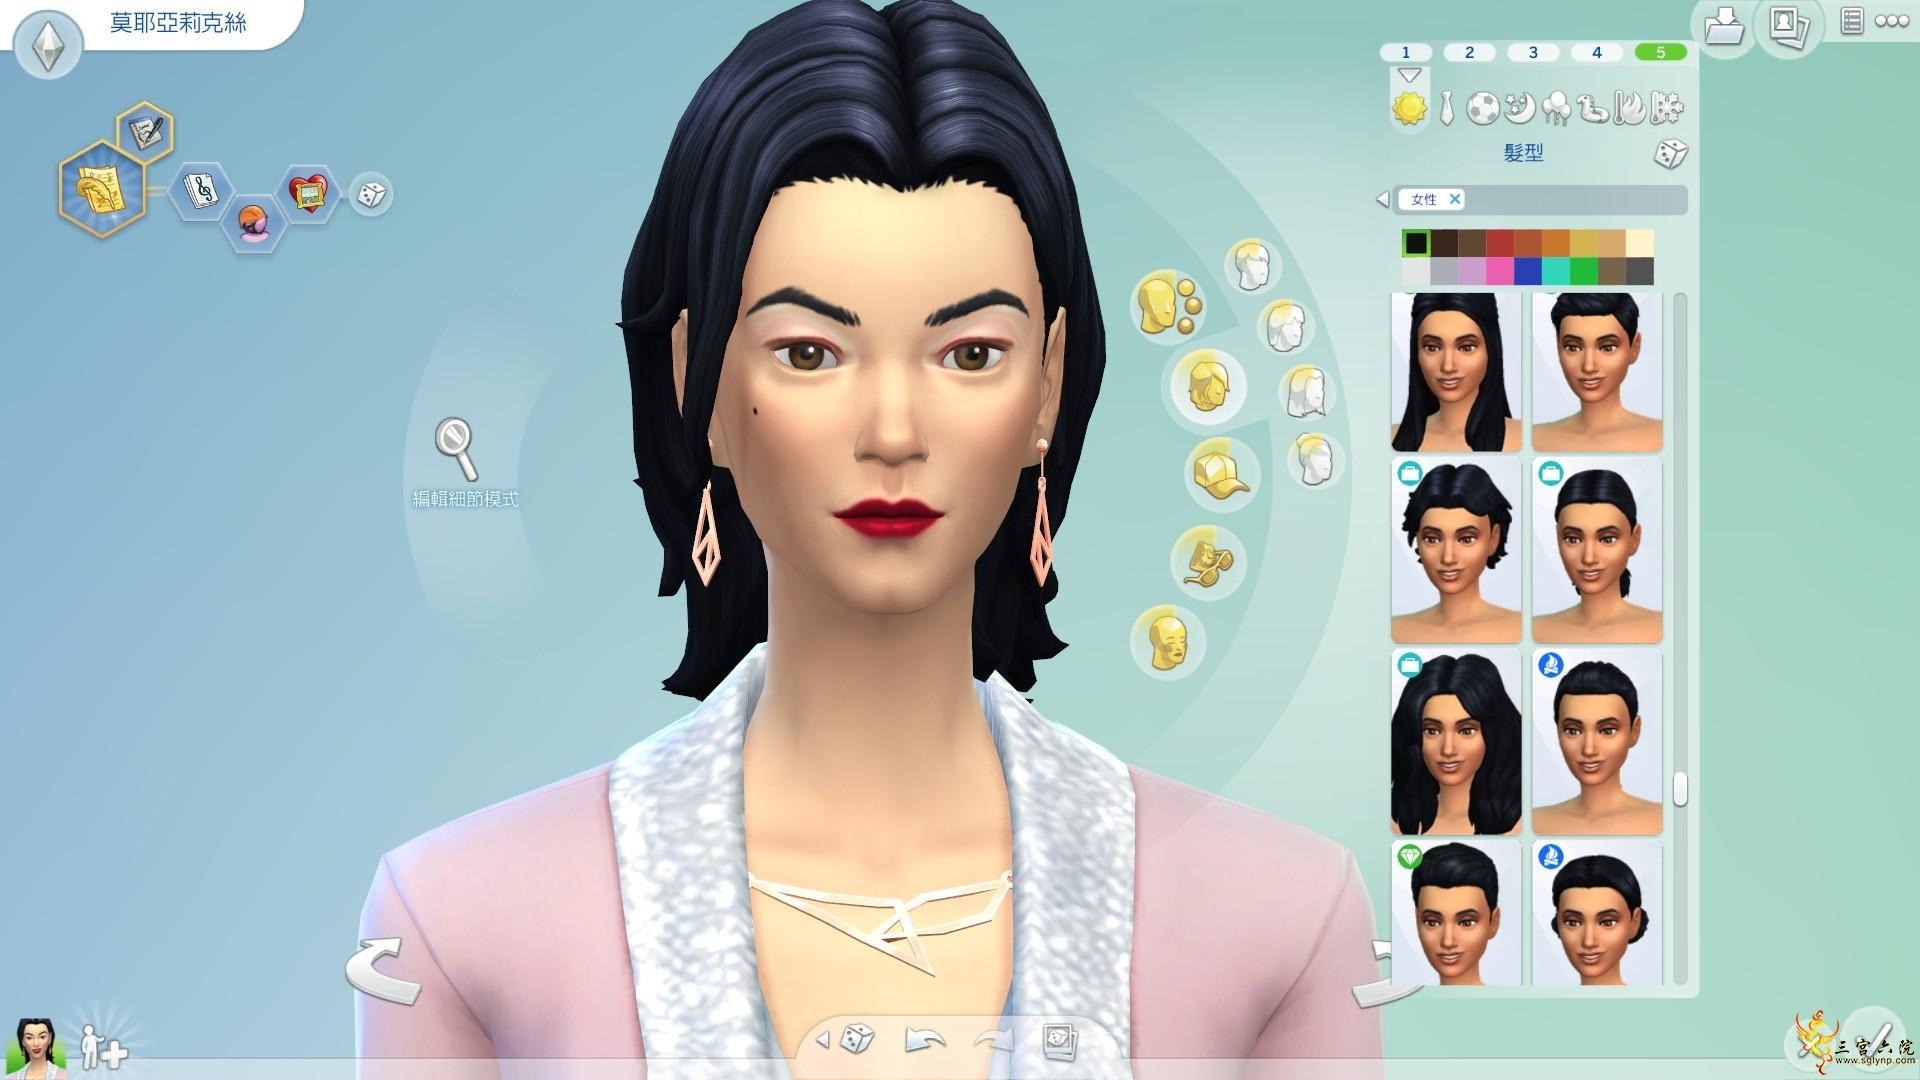 Sims 4 Screenshot 2021.07.17 - 18.31.06.39.png